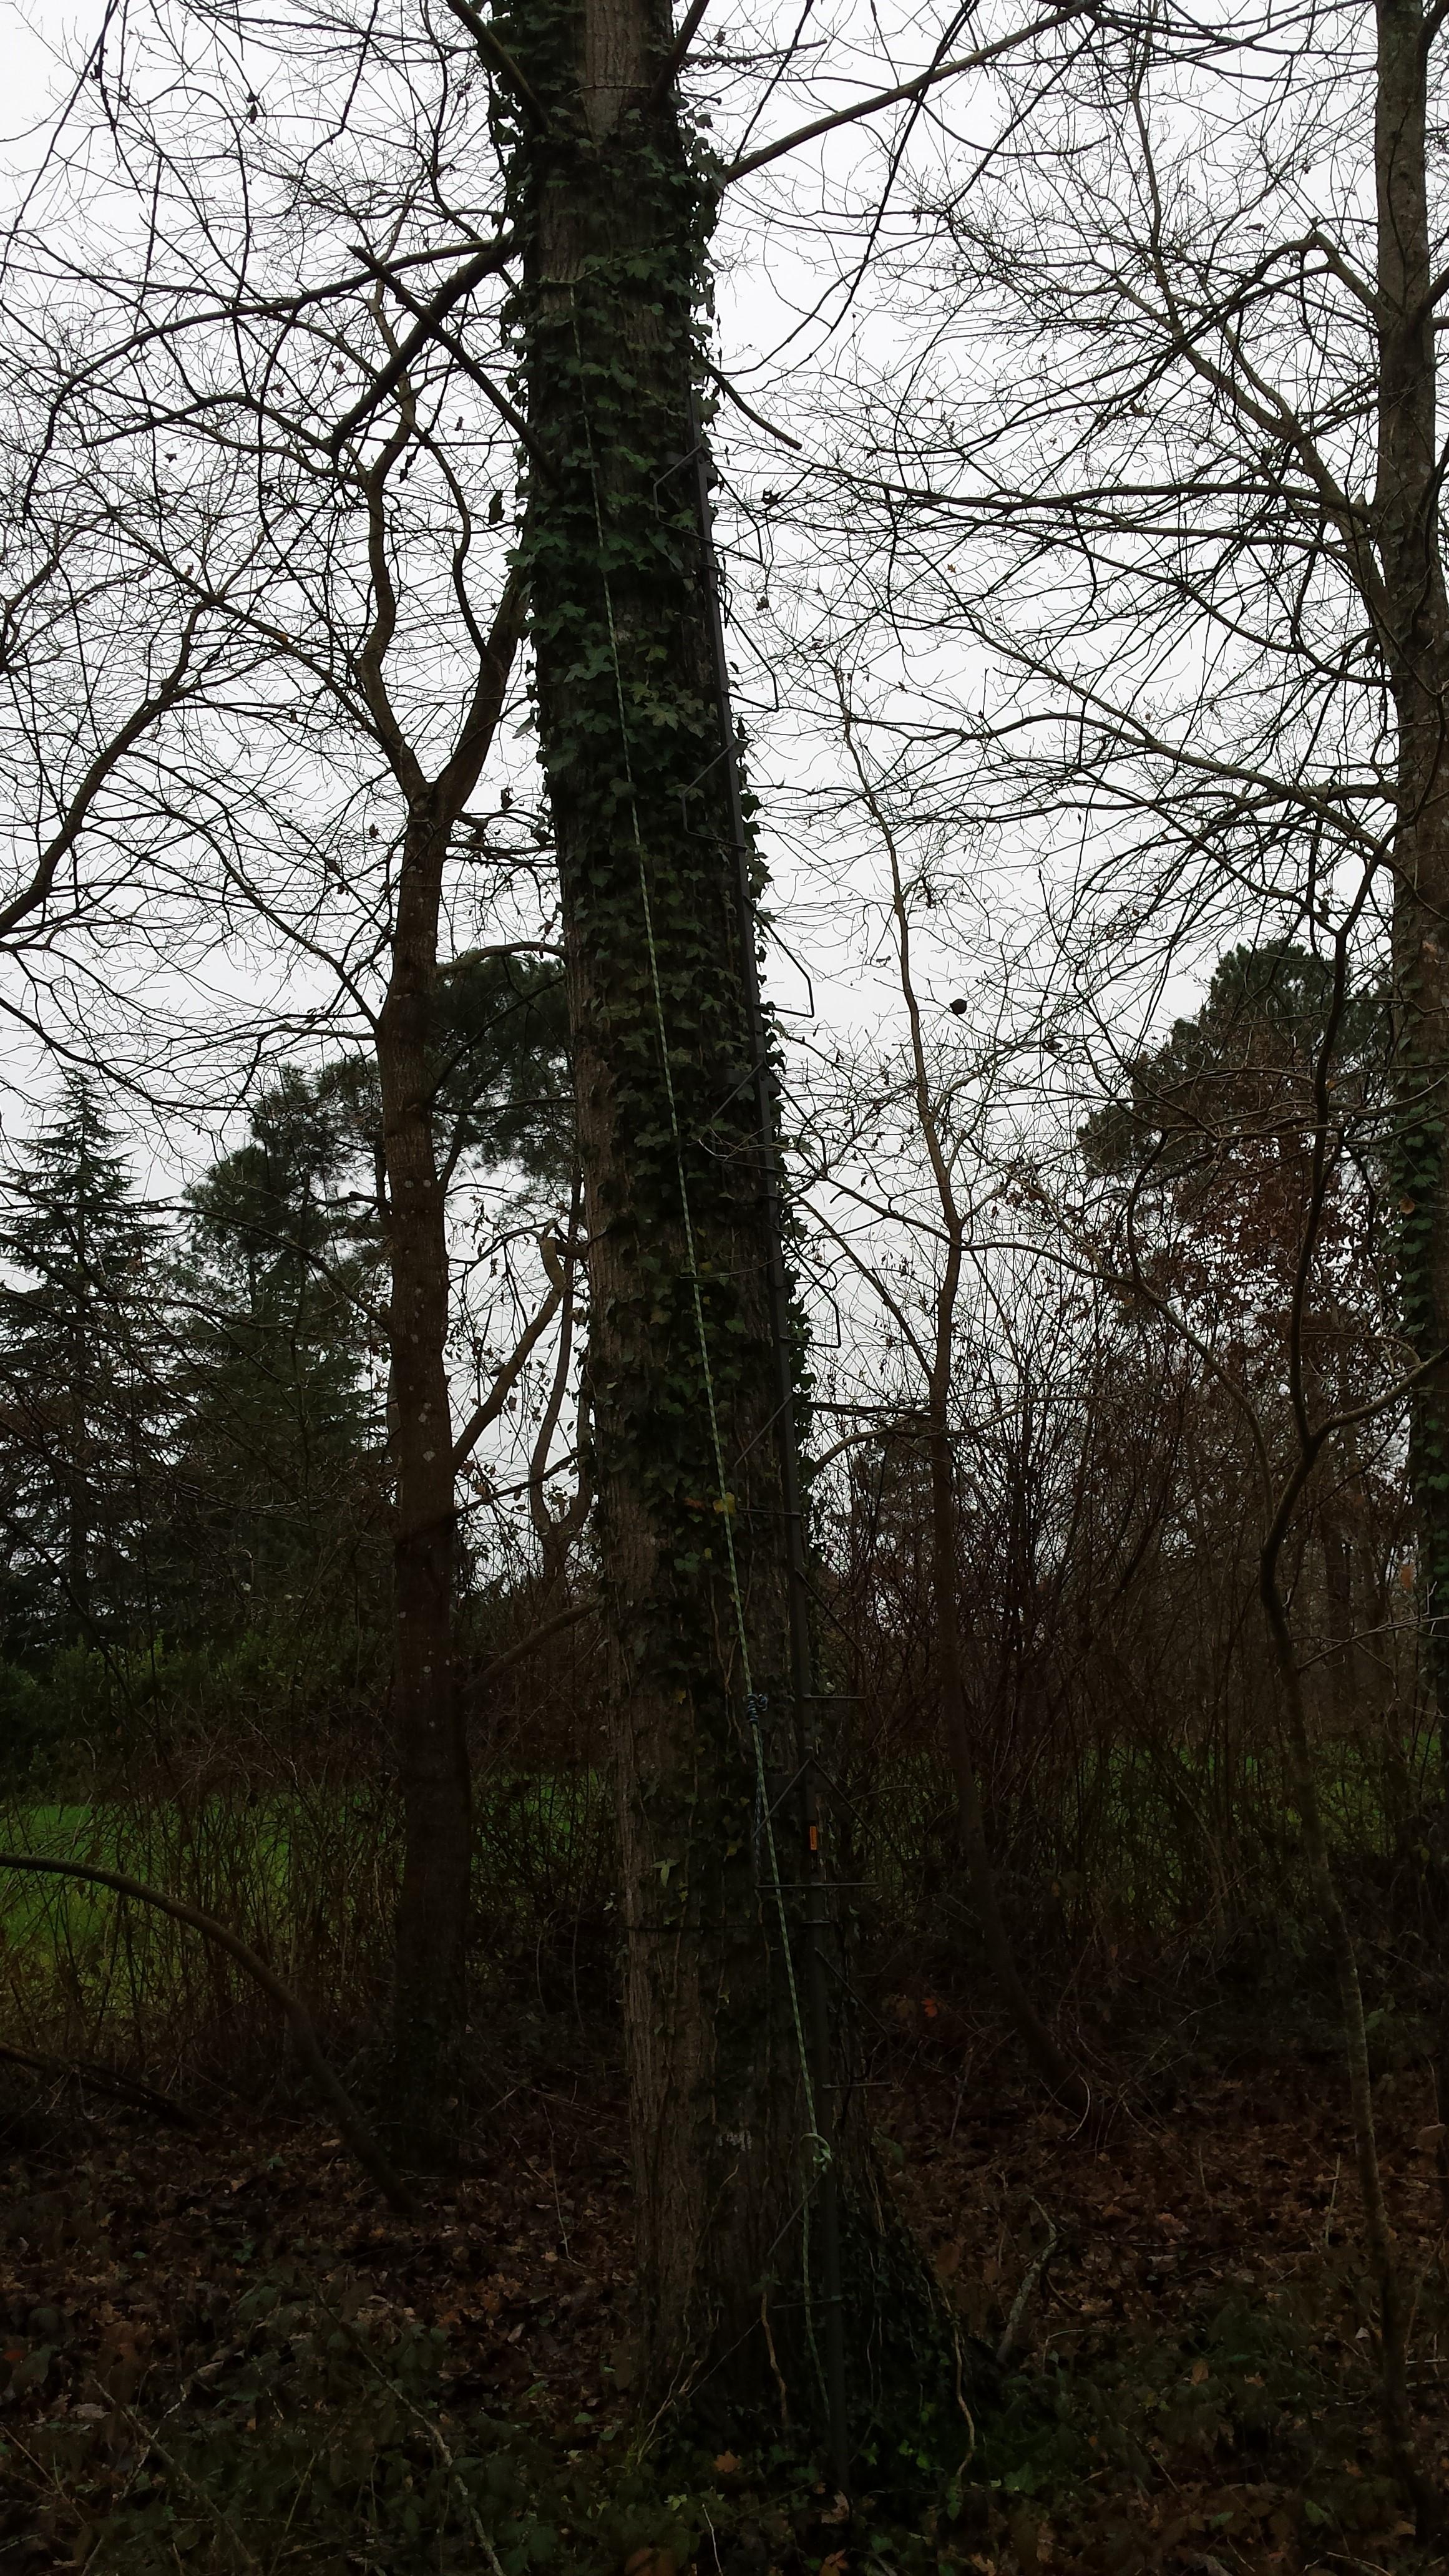 échelle d'affut ou treestand ?  - Page 2 16010408053720960413874498